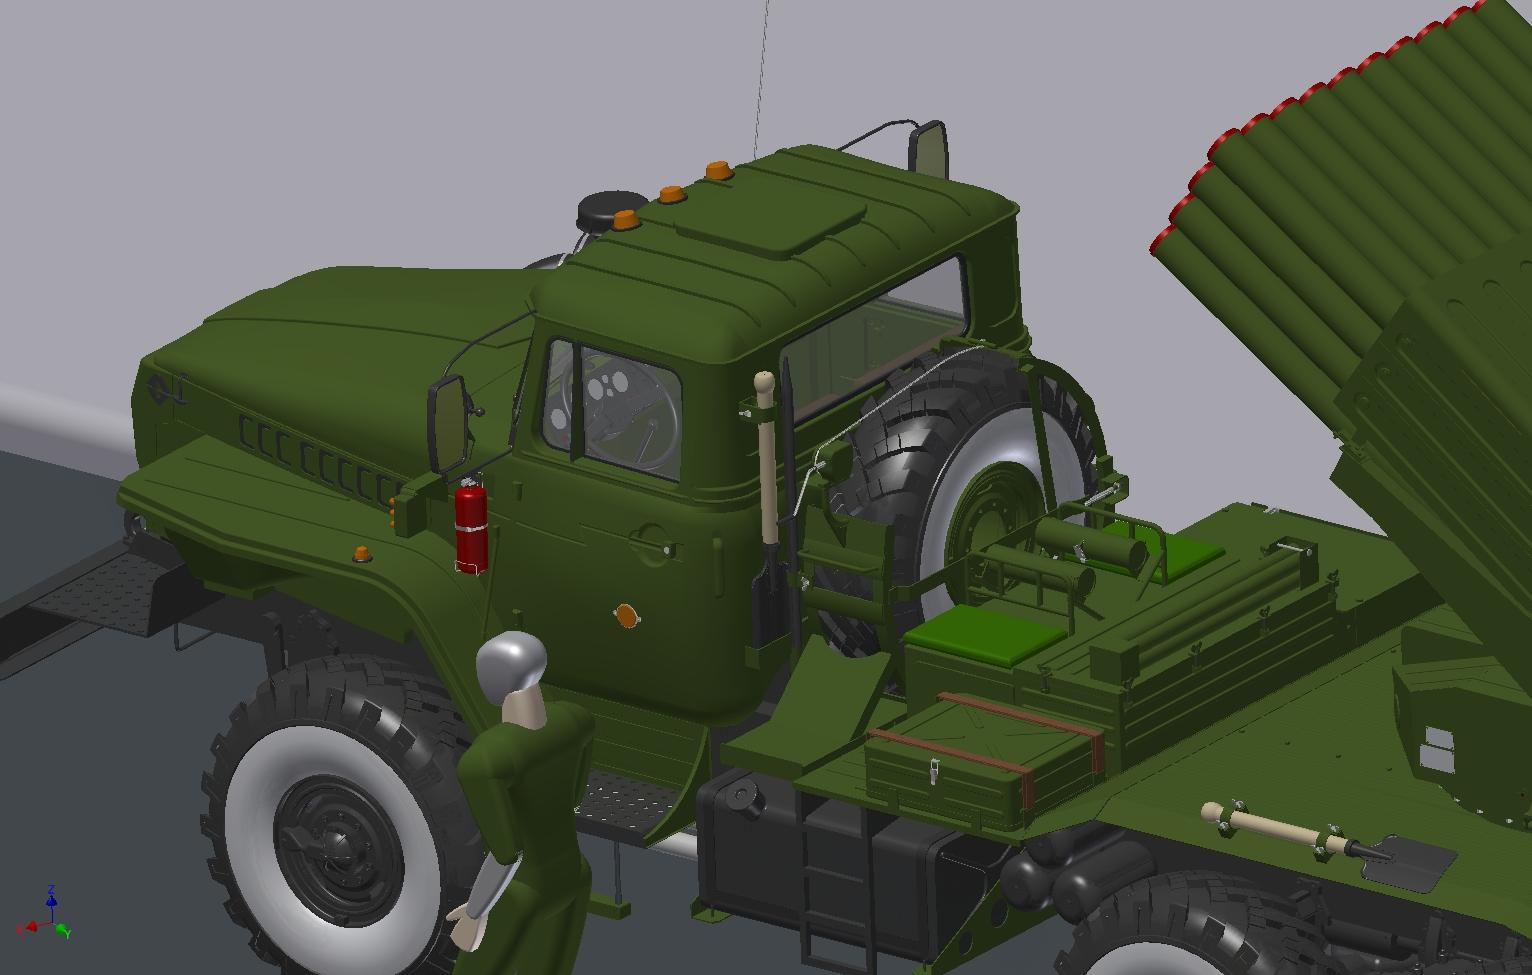 URAL 4320全地形卡车带BM-21火箭发射管玩具模型3D图纸 STP IGS